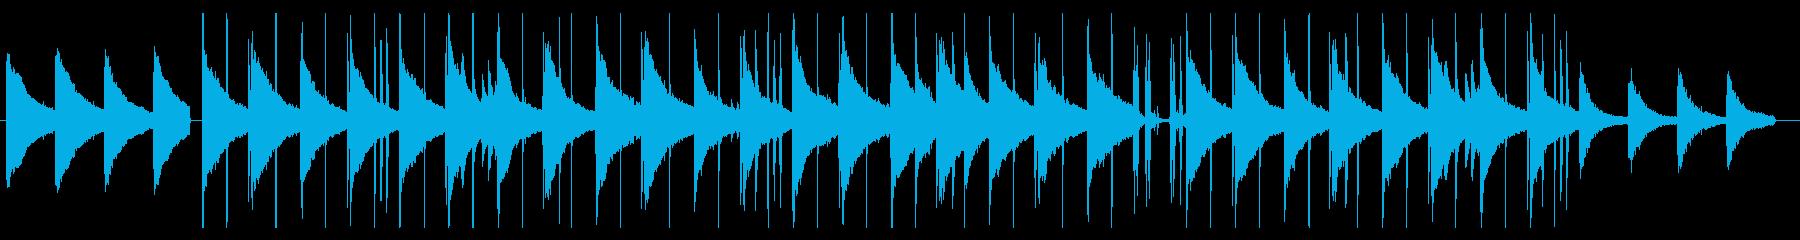 ピアノの落ち着いたLofi系バラードの再生済みの波形